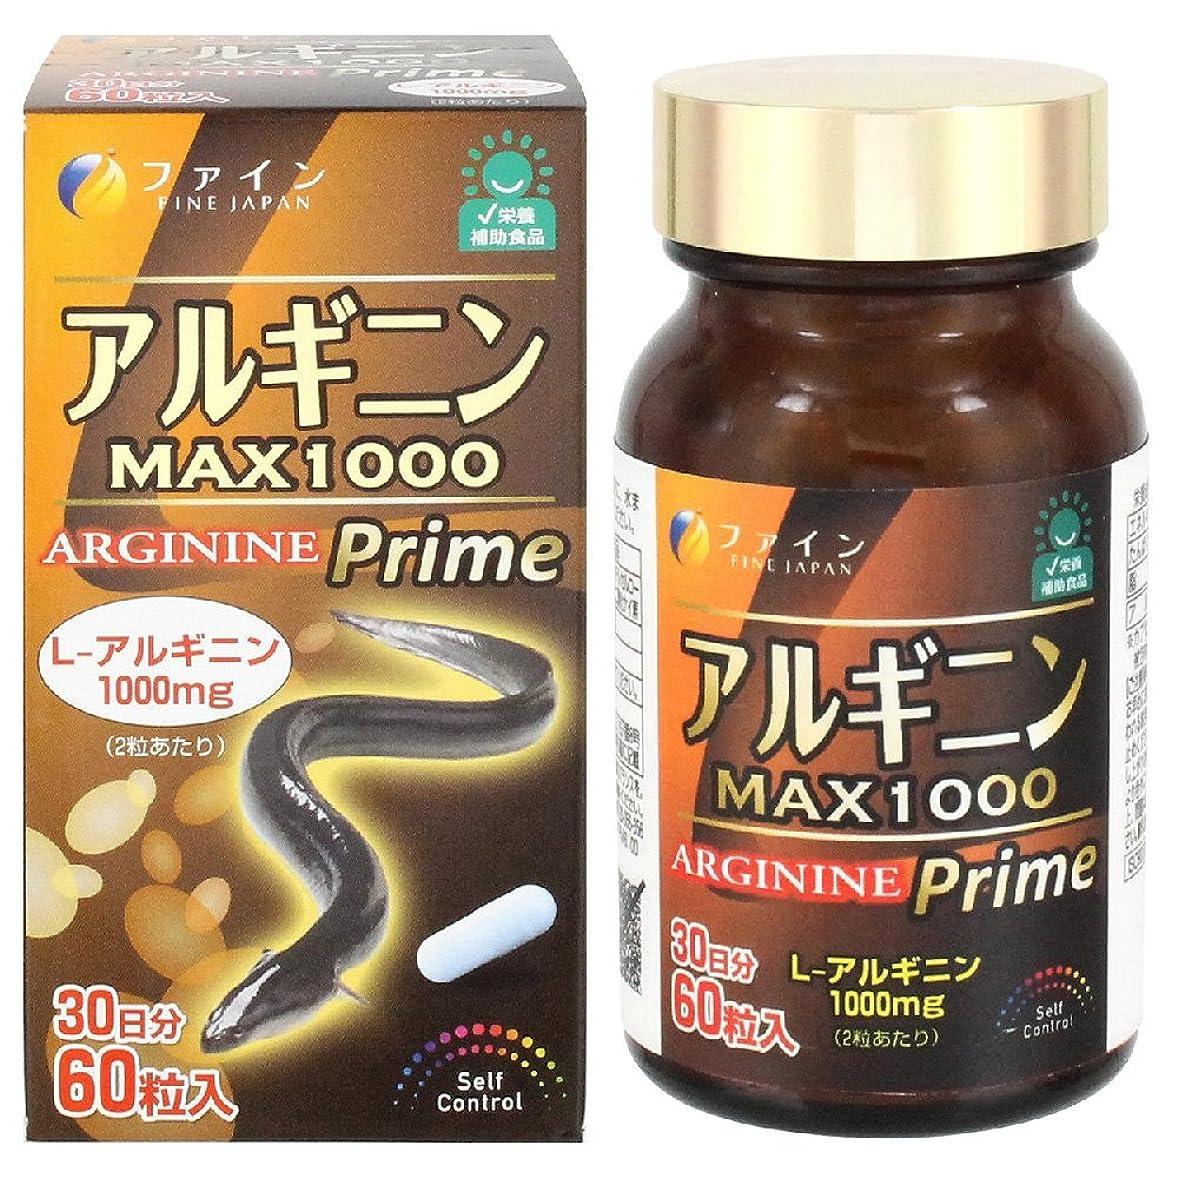 悪夢地平線禁止ファイン アルギニンMAX1000 L-アルギニン1,000mg配合 30日分(1日2粒/60粒入)